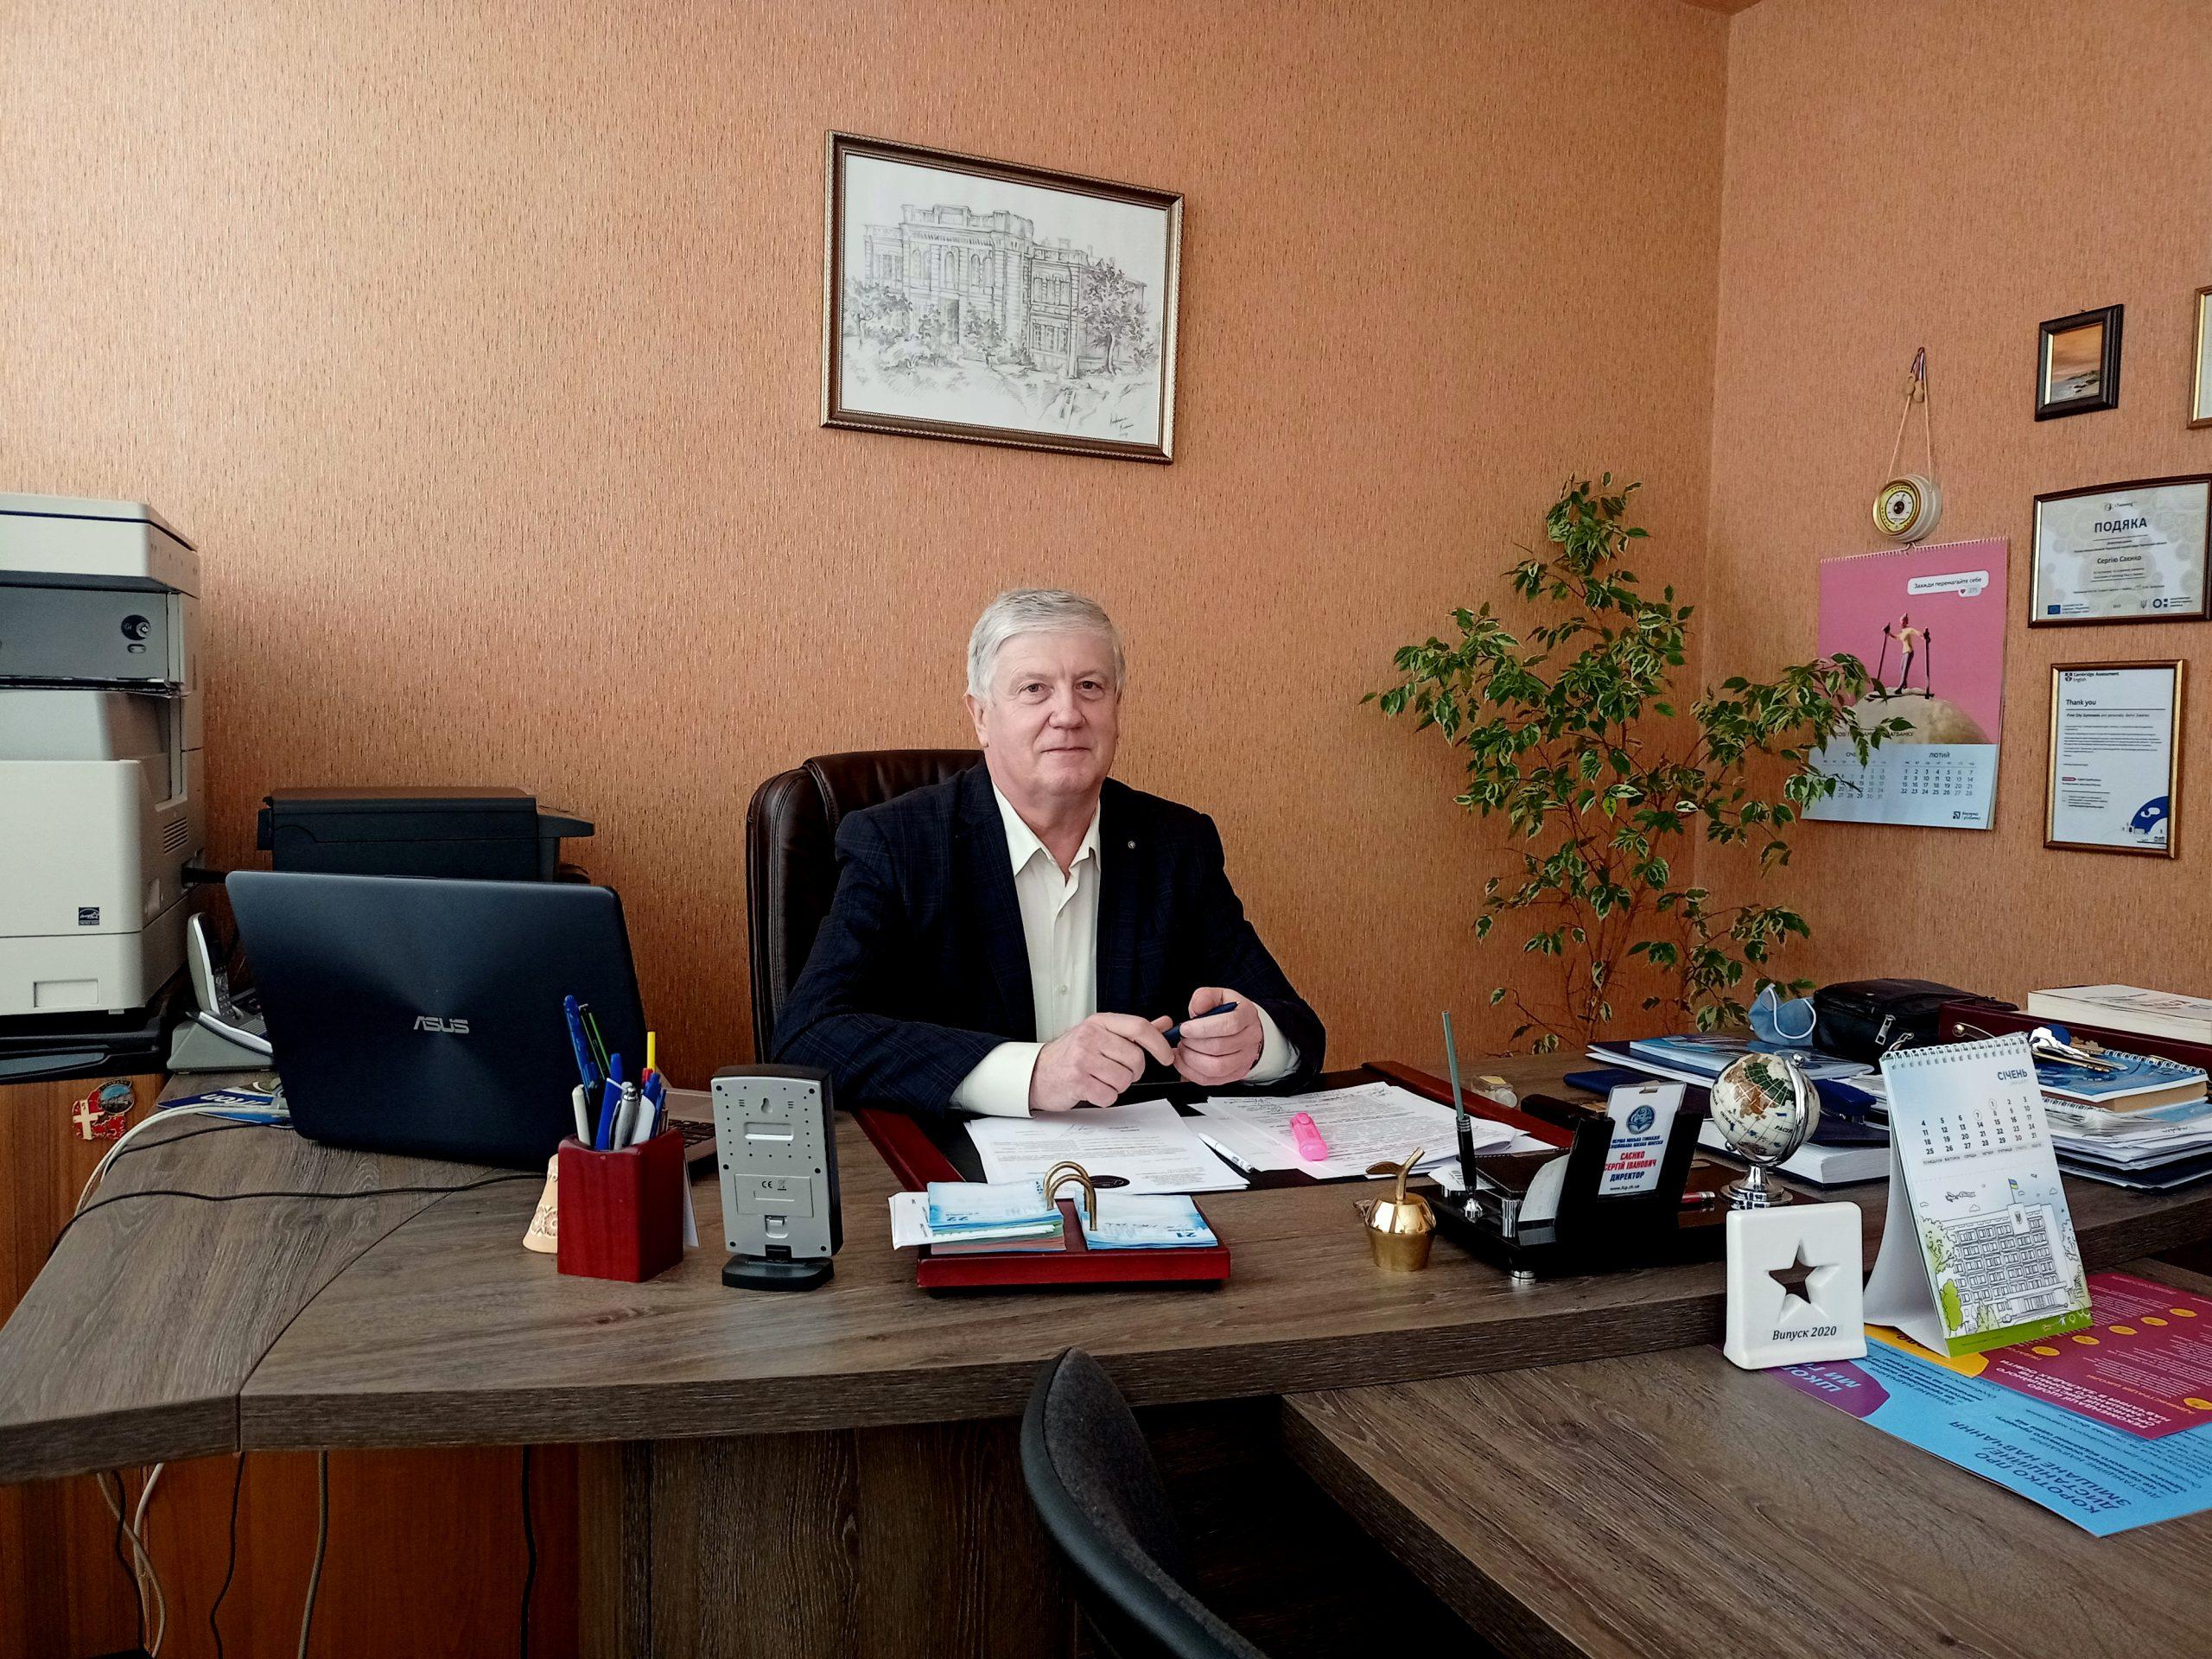 Сергій Саєнко: «У керівників є багато спокус, але попри це має бути внутрішня відповідальність»